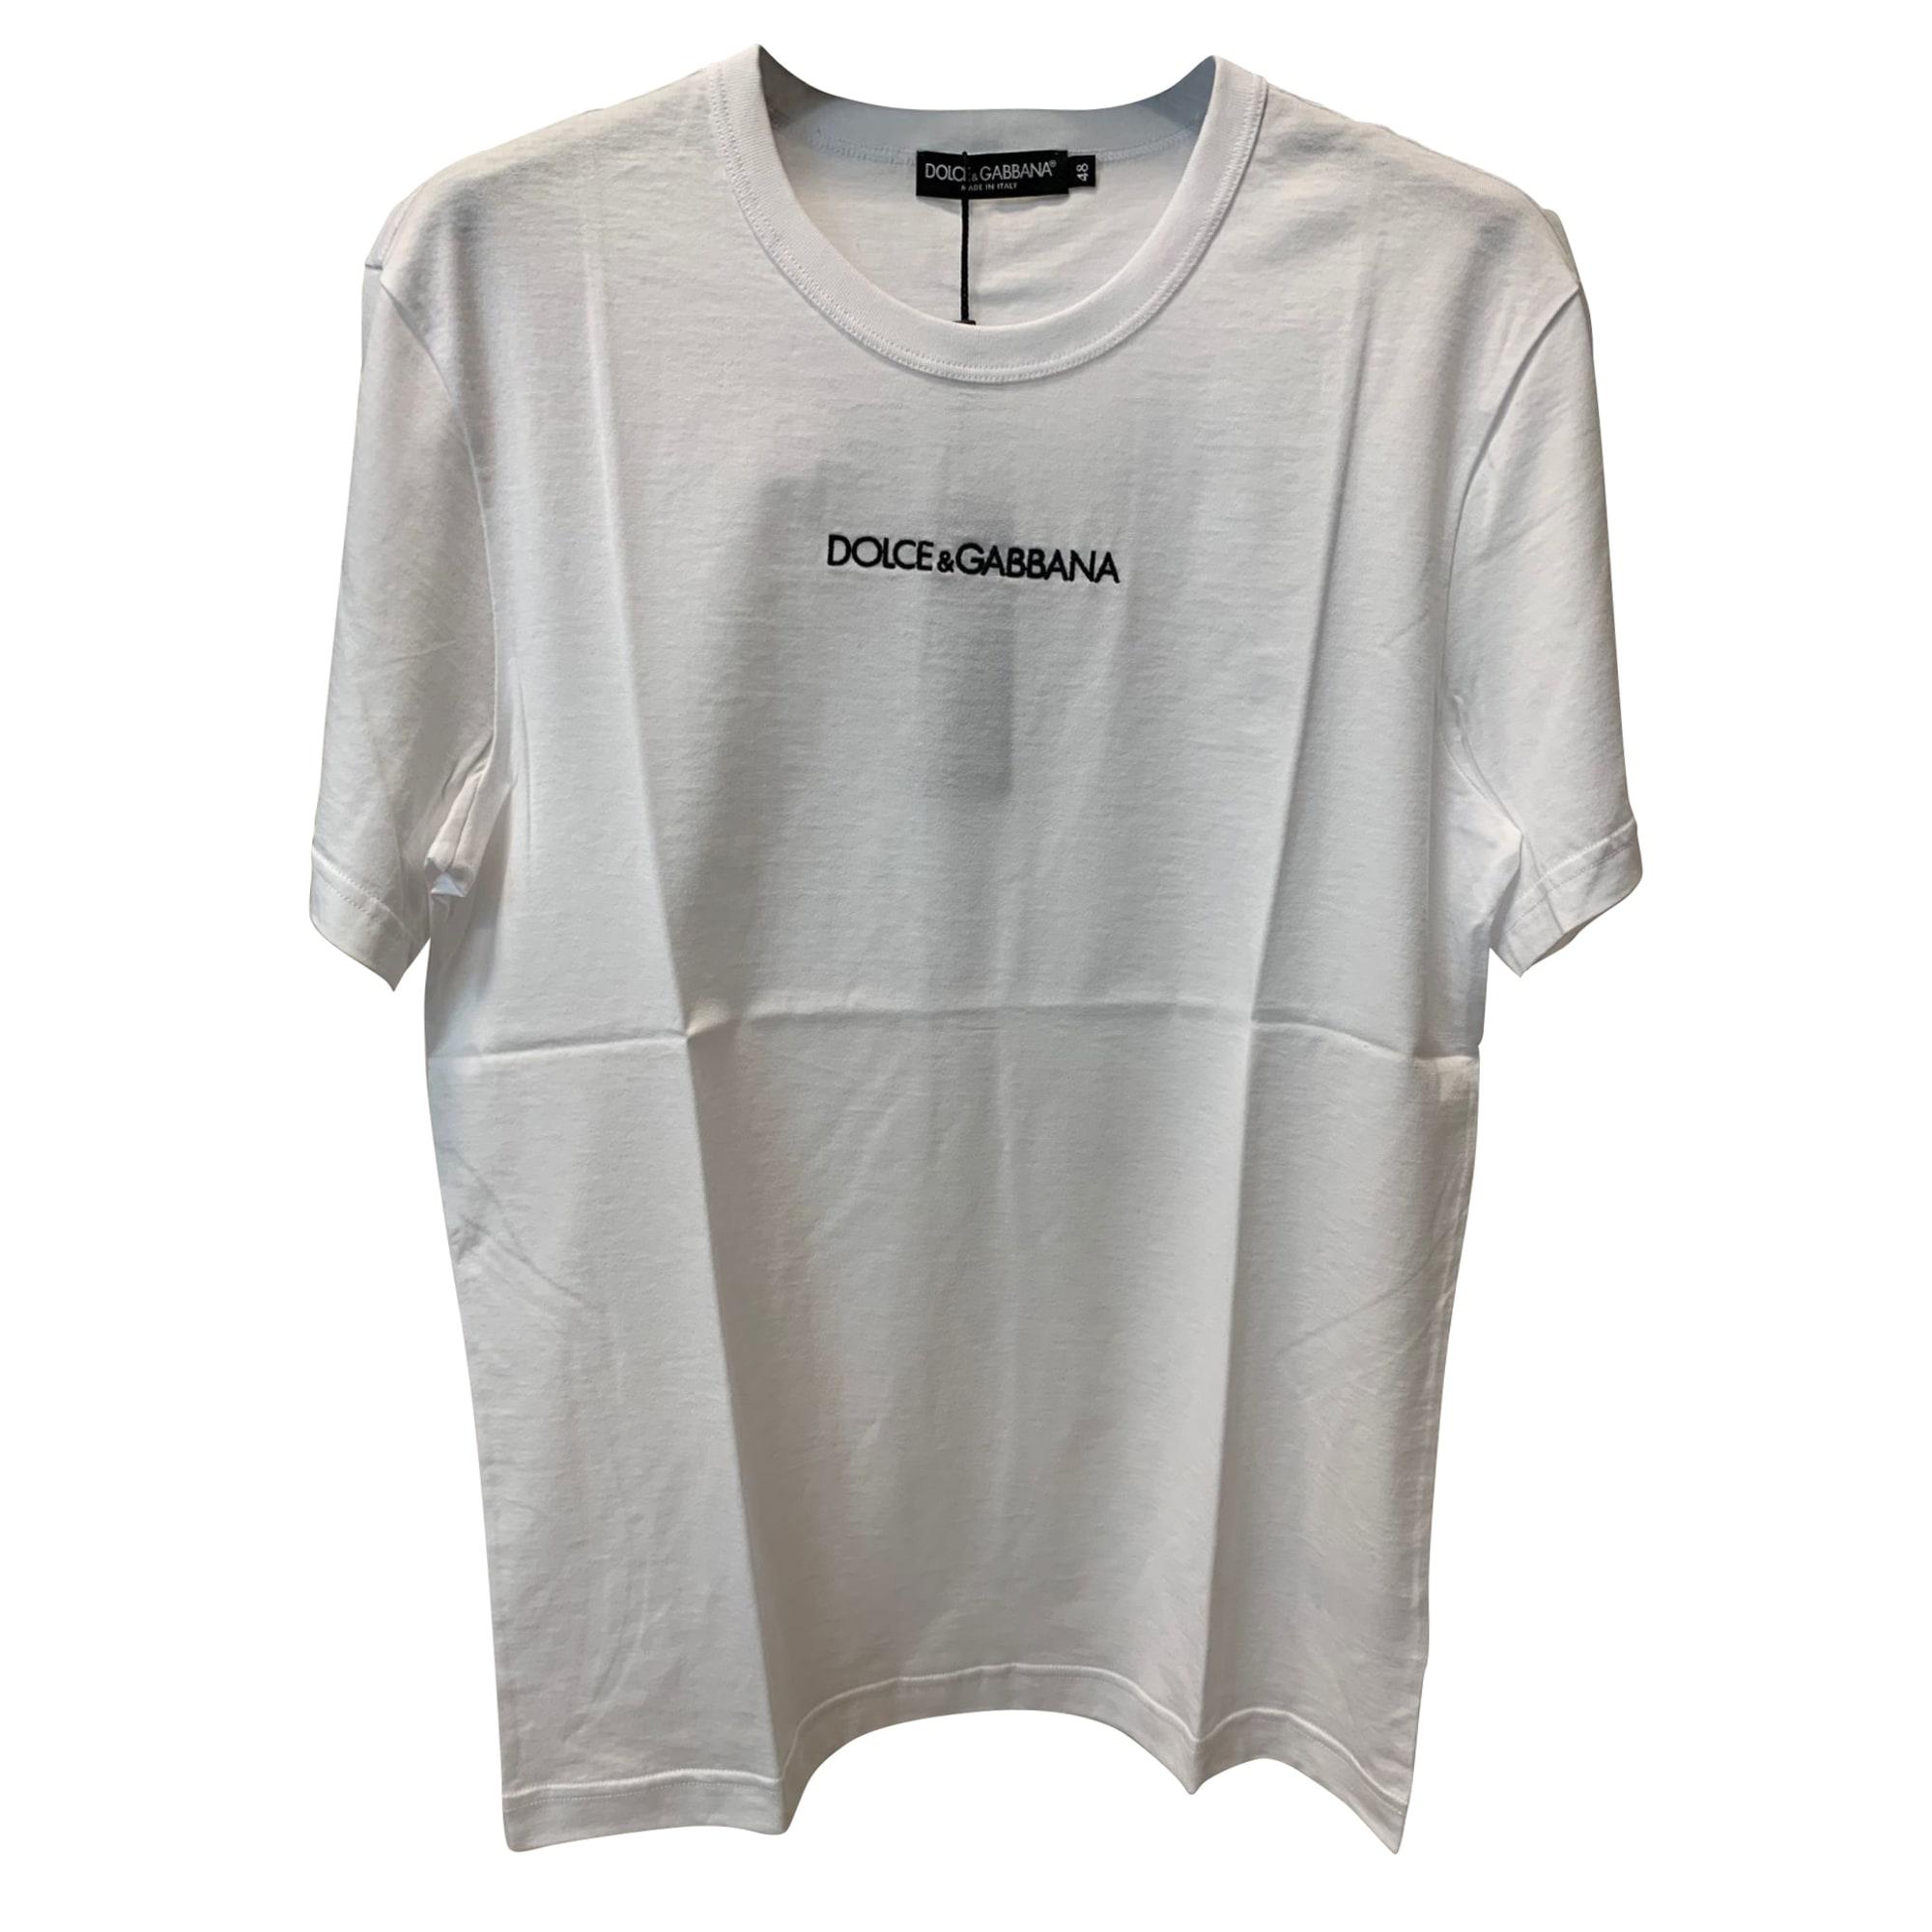 T-shirt DOLCE & GABBANA White, off-white, ecru